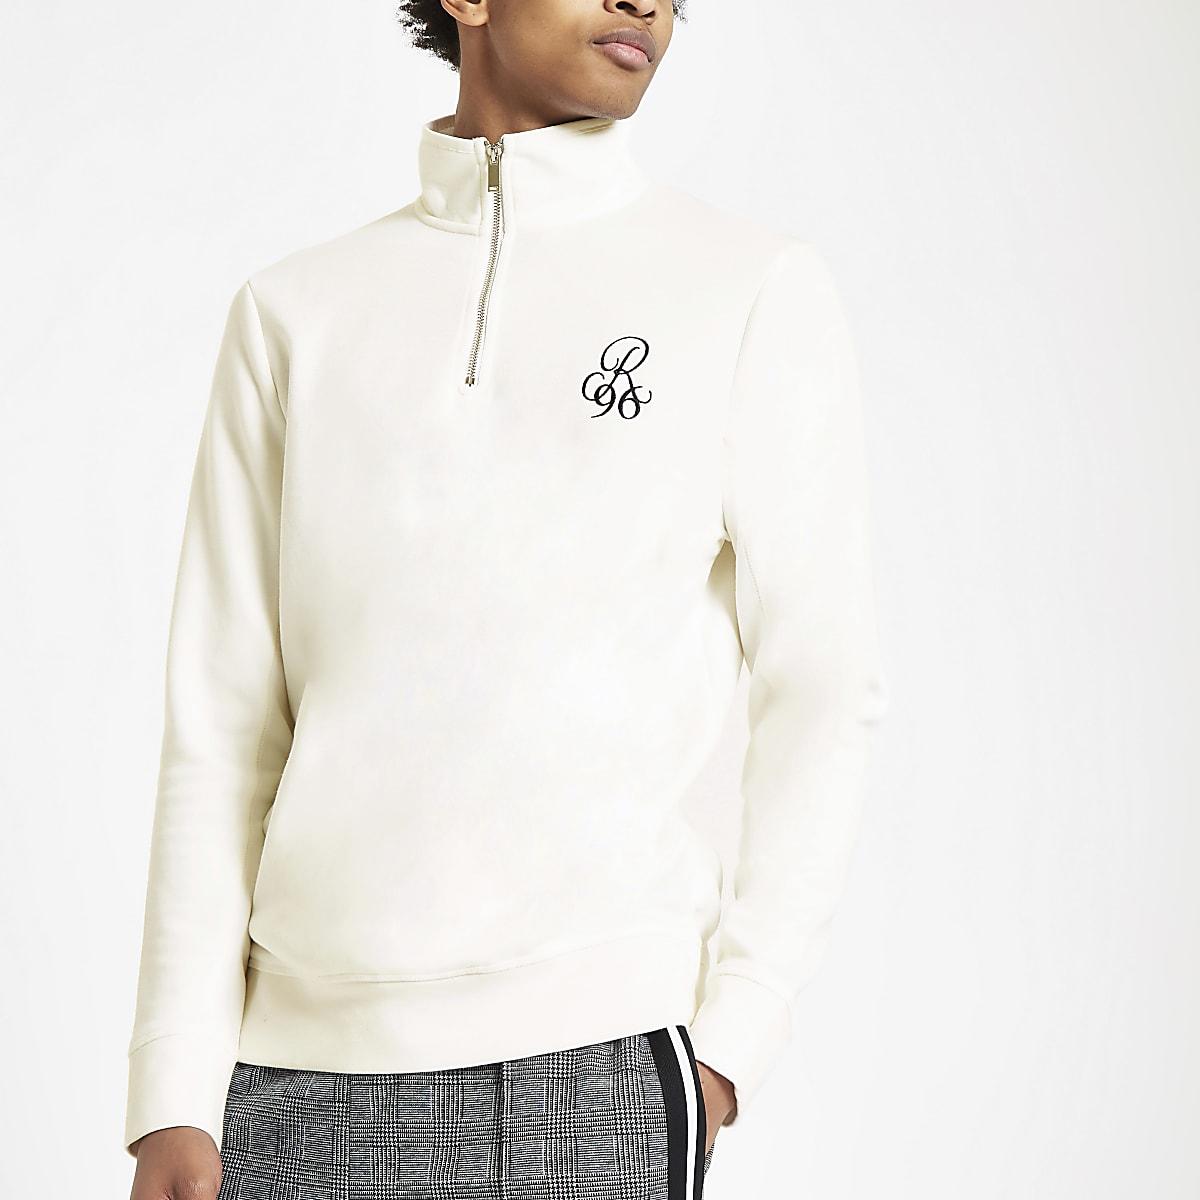 R96 white slim fit funnel neck sweatshirt